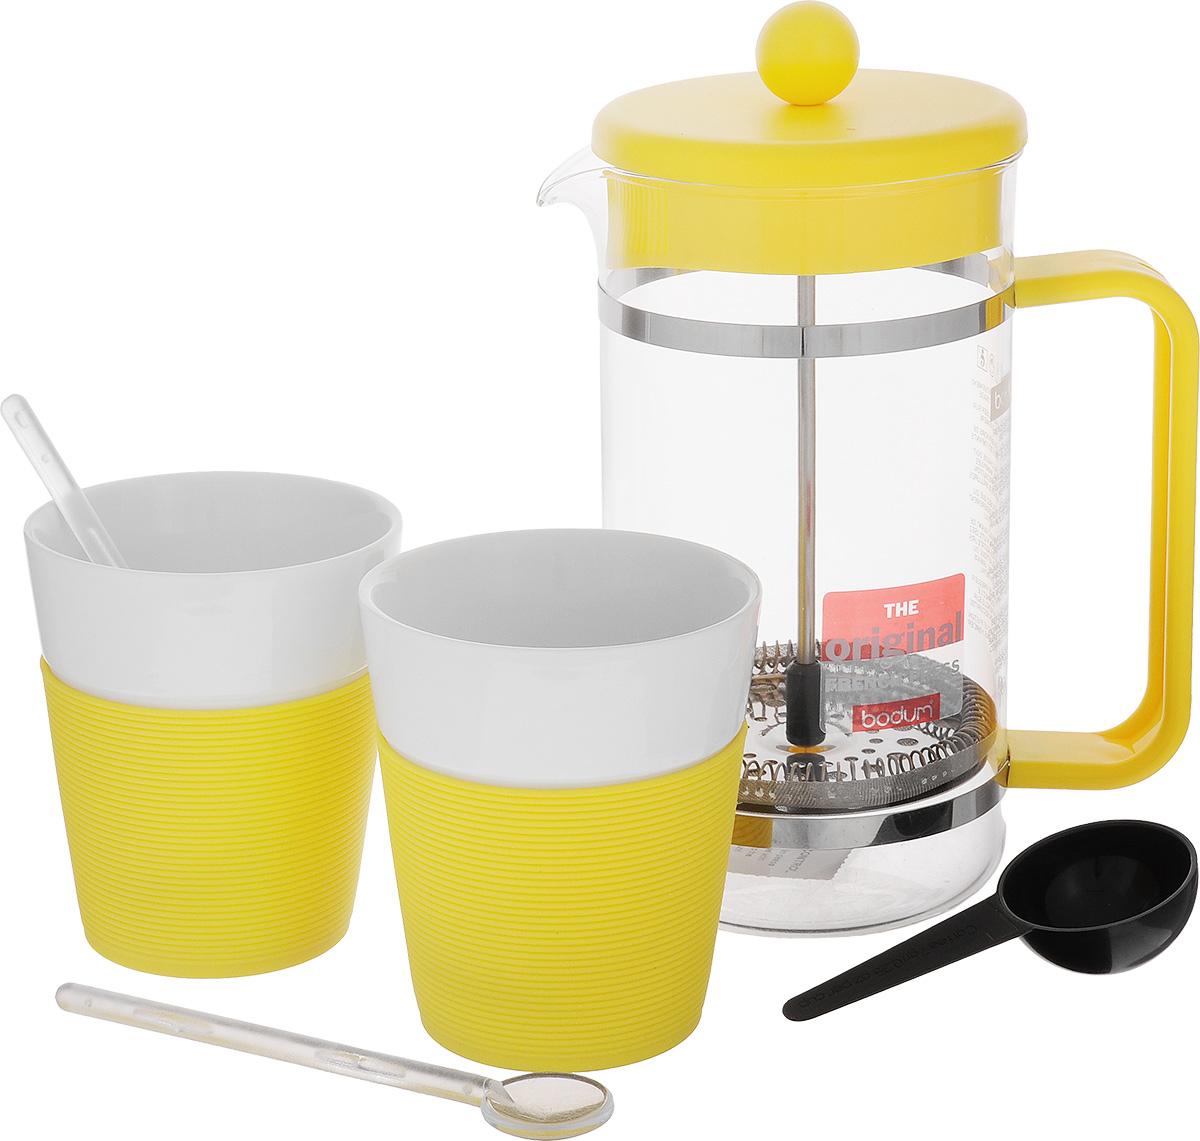 Набор кофейный Bodum Bistro, цвет: желтый, белый, 5 предметовAK1508-957-Y15Кофейный набор Bodum Bistro состоит из чайника френч-пресса, 2 стаканов и 2 ложек. Френч-пресс выполнен из высококачественного жаропрочного стекла, нержавеющей стали и пластика. Френч-пресс - это заварочный чайник, который поможет быстро приготовить вкусный и ароматный чай или кофе. Металлический нержавеющий фильтр задерживает чайные листочки и частички зерен кофе. Засыпая чайную заварку или кофе под фильтр, заливая горячей водой, вы получаете ароматный напиток с оптимальной крепостью и насыщенностью. Остановить процесс заваривания легко, для этого нужно просто опустить поршень, и все уйдет вниз, оставляя сверху напиток, готовый к употреблению. Для френч-пресса предусмотрена специальная пластиковая ложечка. Элегантные стаканы выполнены из высококачественного фарфора и оснащены резиновой вставкой, защищающей ваши руки от высоких температур. В комплекте - 2 мерные ложечки, выполненные из пластика. Яркий и стильный набор украсит стол к...